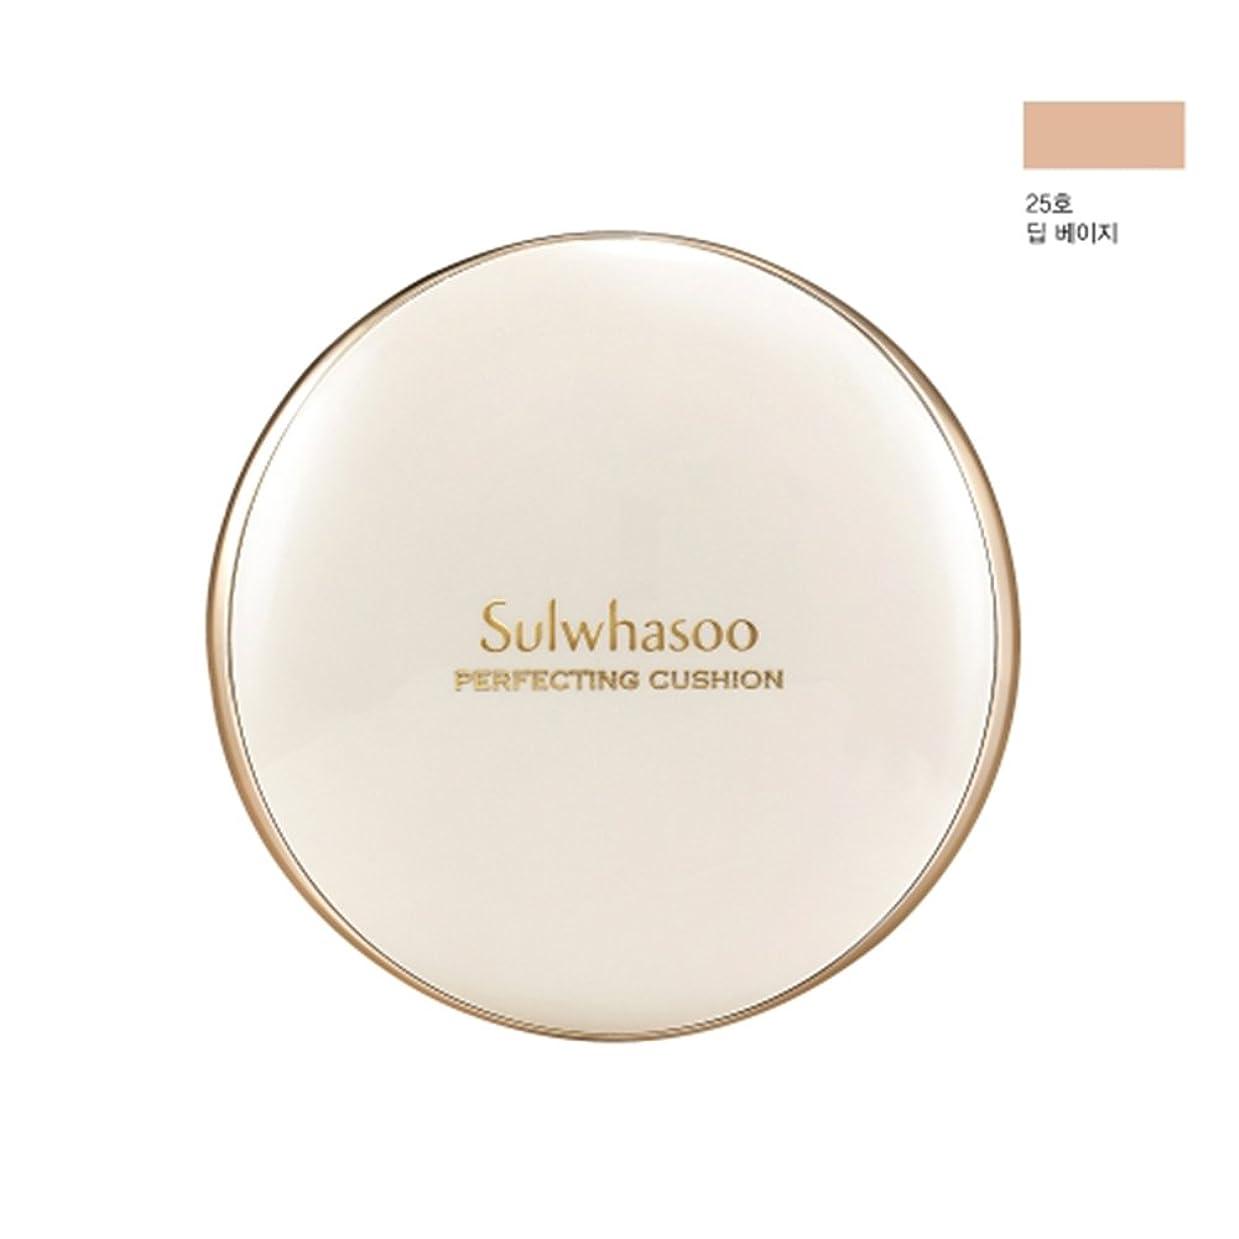 フローティング緊張するランドマーク雪花秀/Sulwhasoo PERFECTING CUSHION/パーフェクティング クッション 25号 本品15g+リフィル15g(SPF50+/PA+++ )ファンデーションSet(海外直送品)